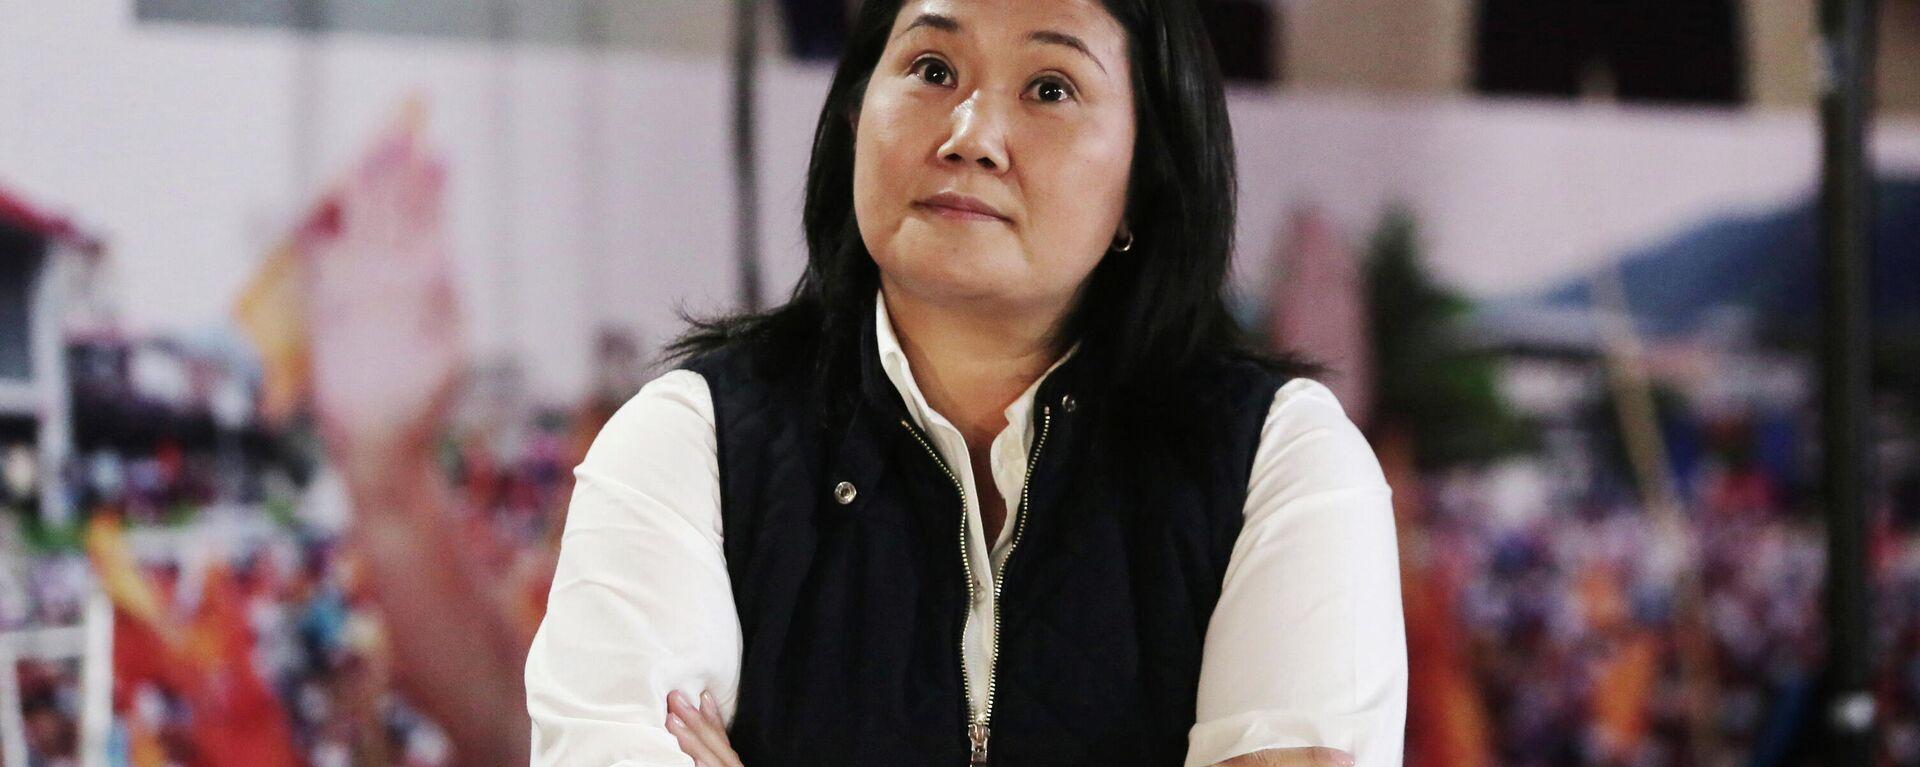 Keiko Fujimori, candidata a la presidencia de Perú - Sputnik Mundo, 1920, 08.06.2021